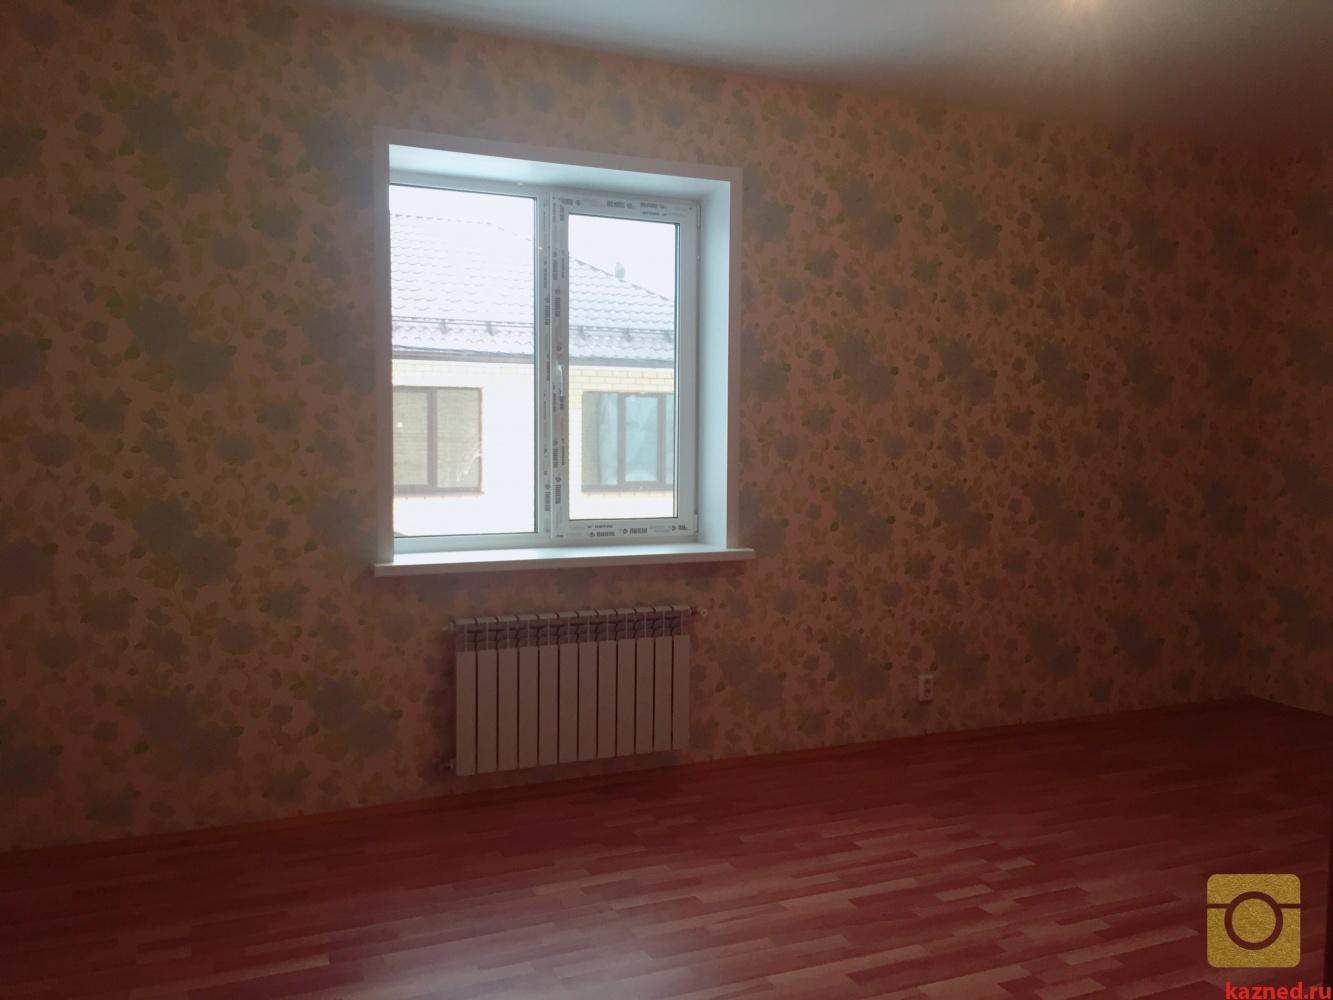 Продажа 3-к квартиры молодецкого 25б, 103 м²  (миниатюра №19)